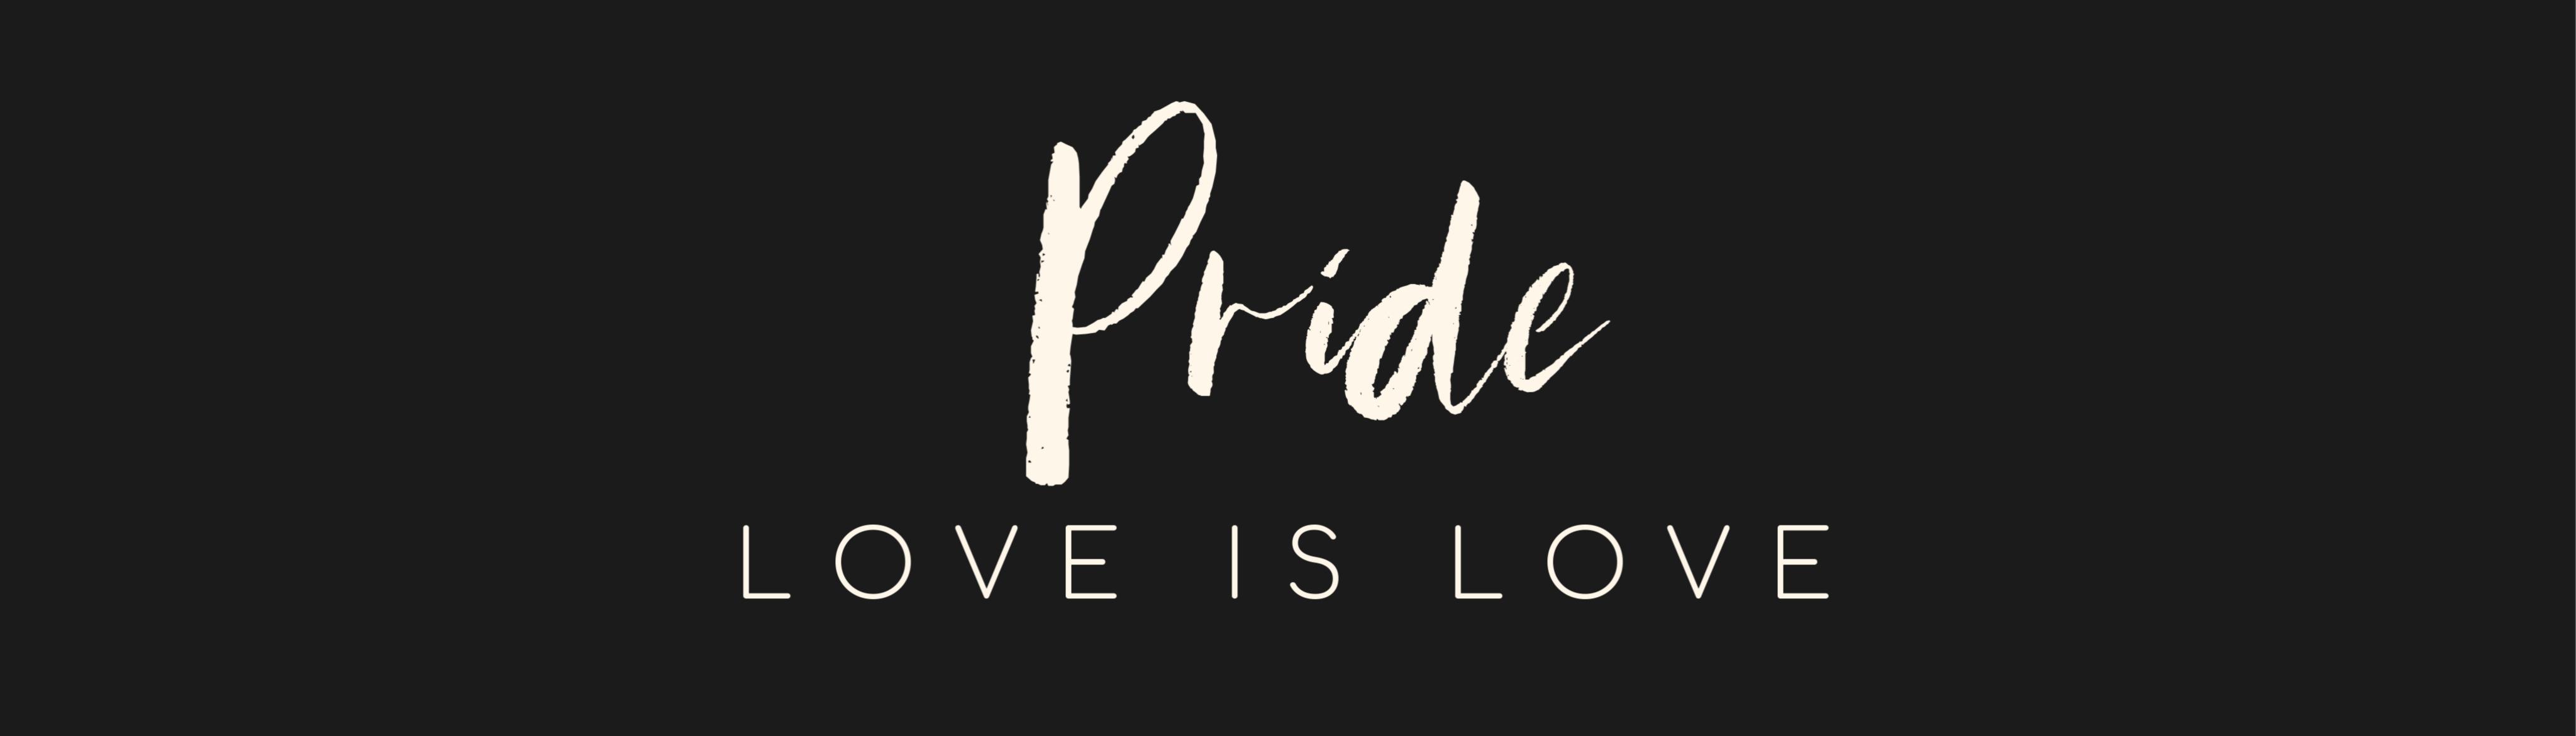 pride-love-is-love.jpg